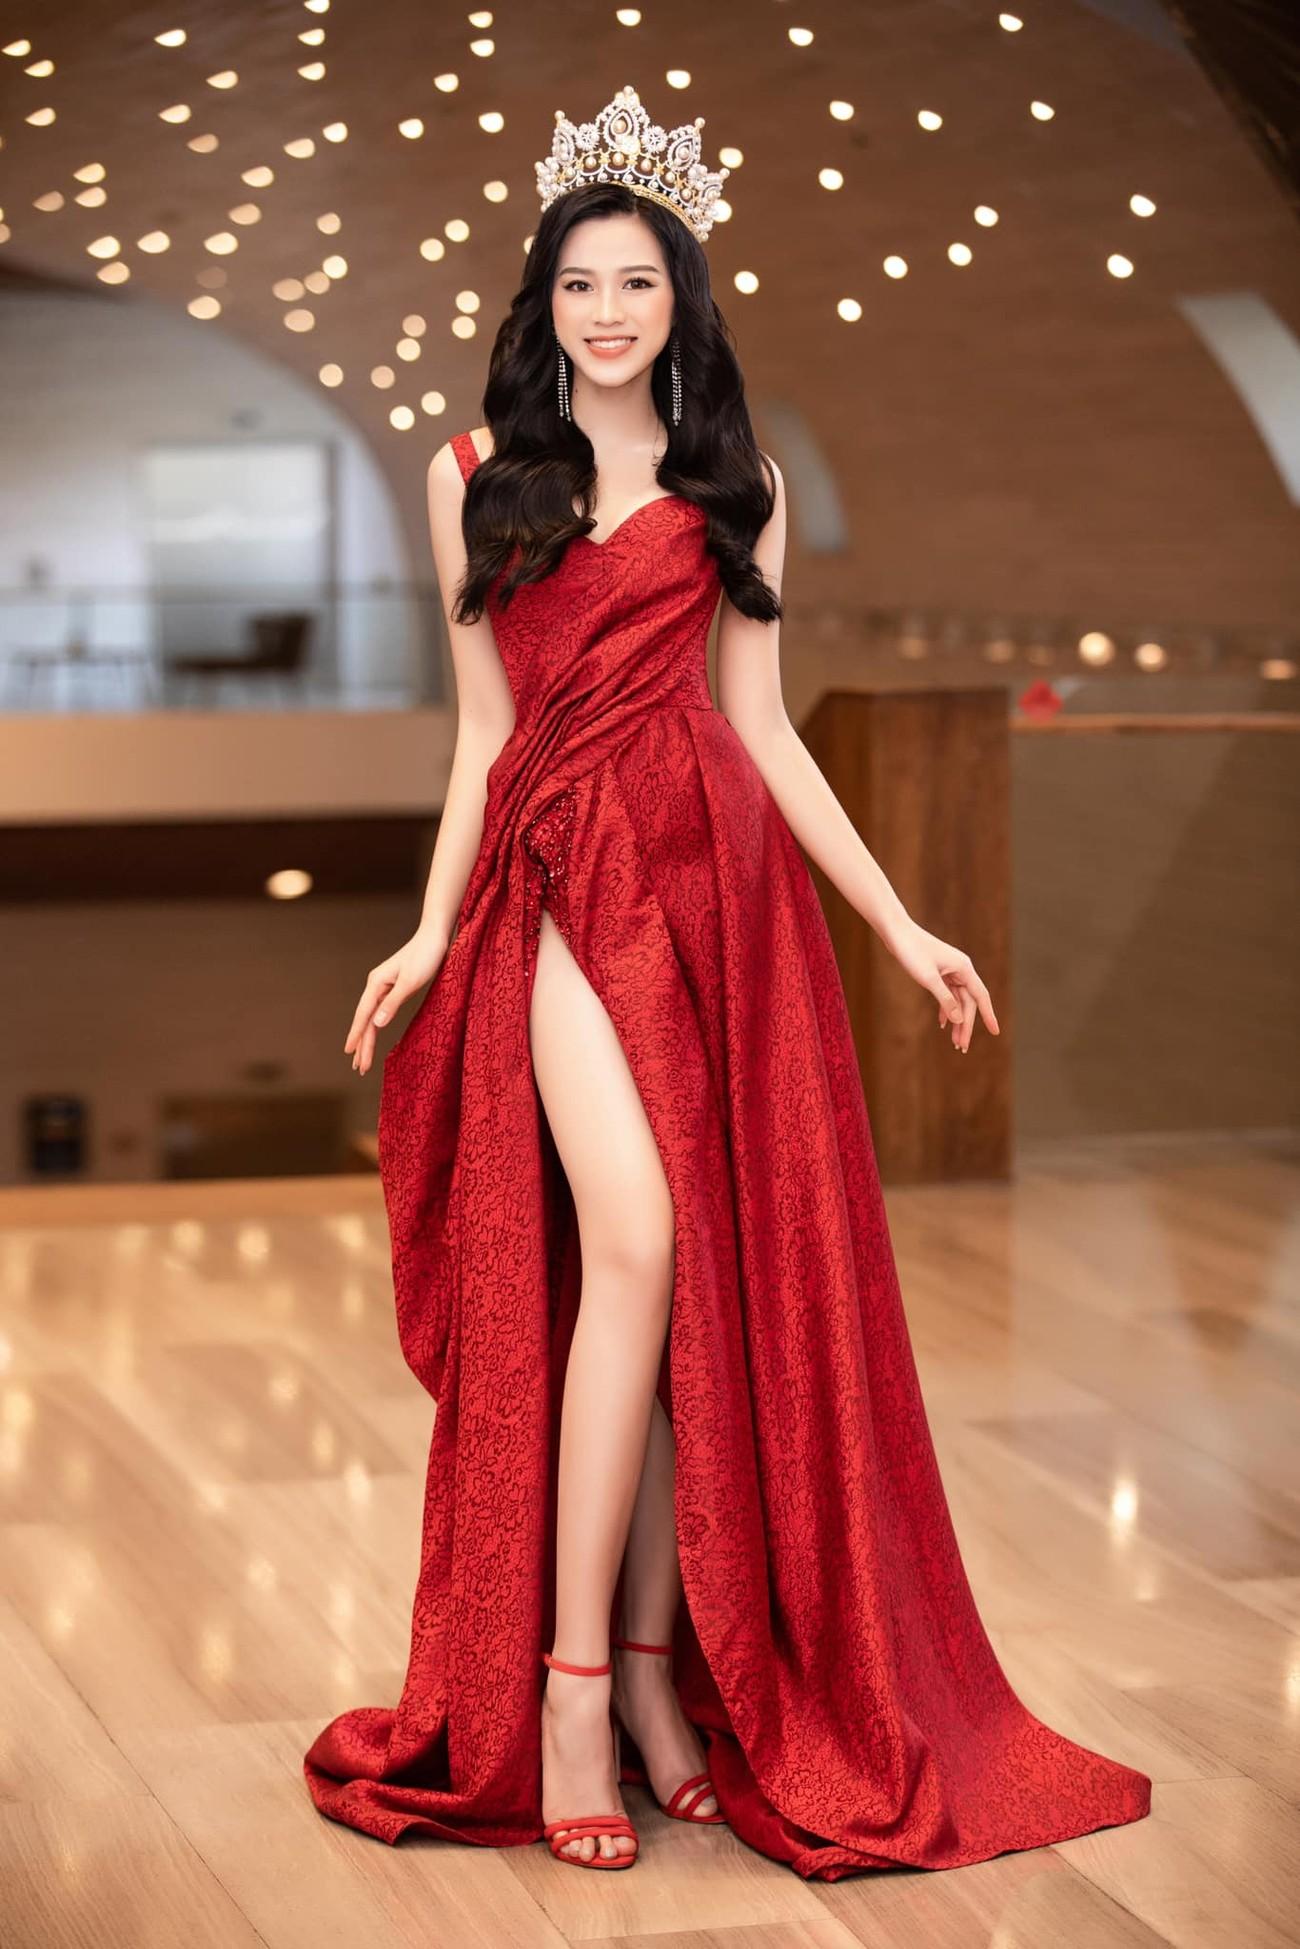 Tiếp tục chinh phục gam màu đỏ, Hoa hậu Đỗ Thị Hà khoe đôi chân 'cực phẩm' ảnh 1